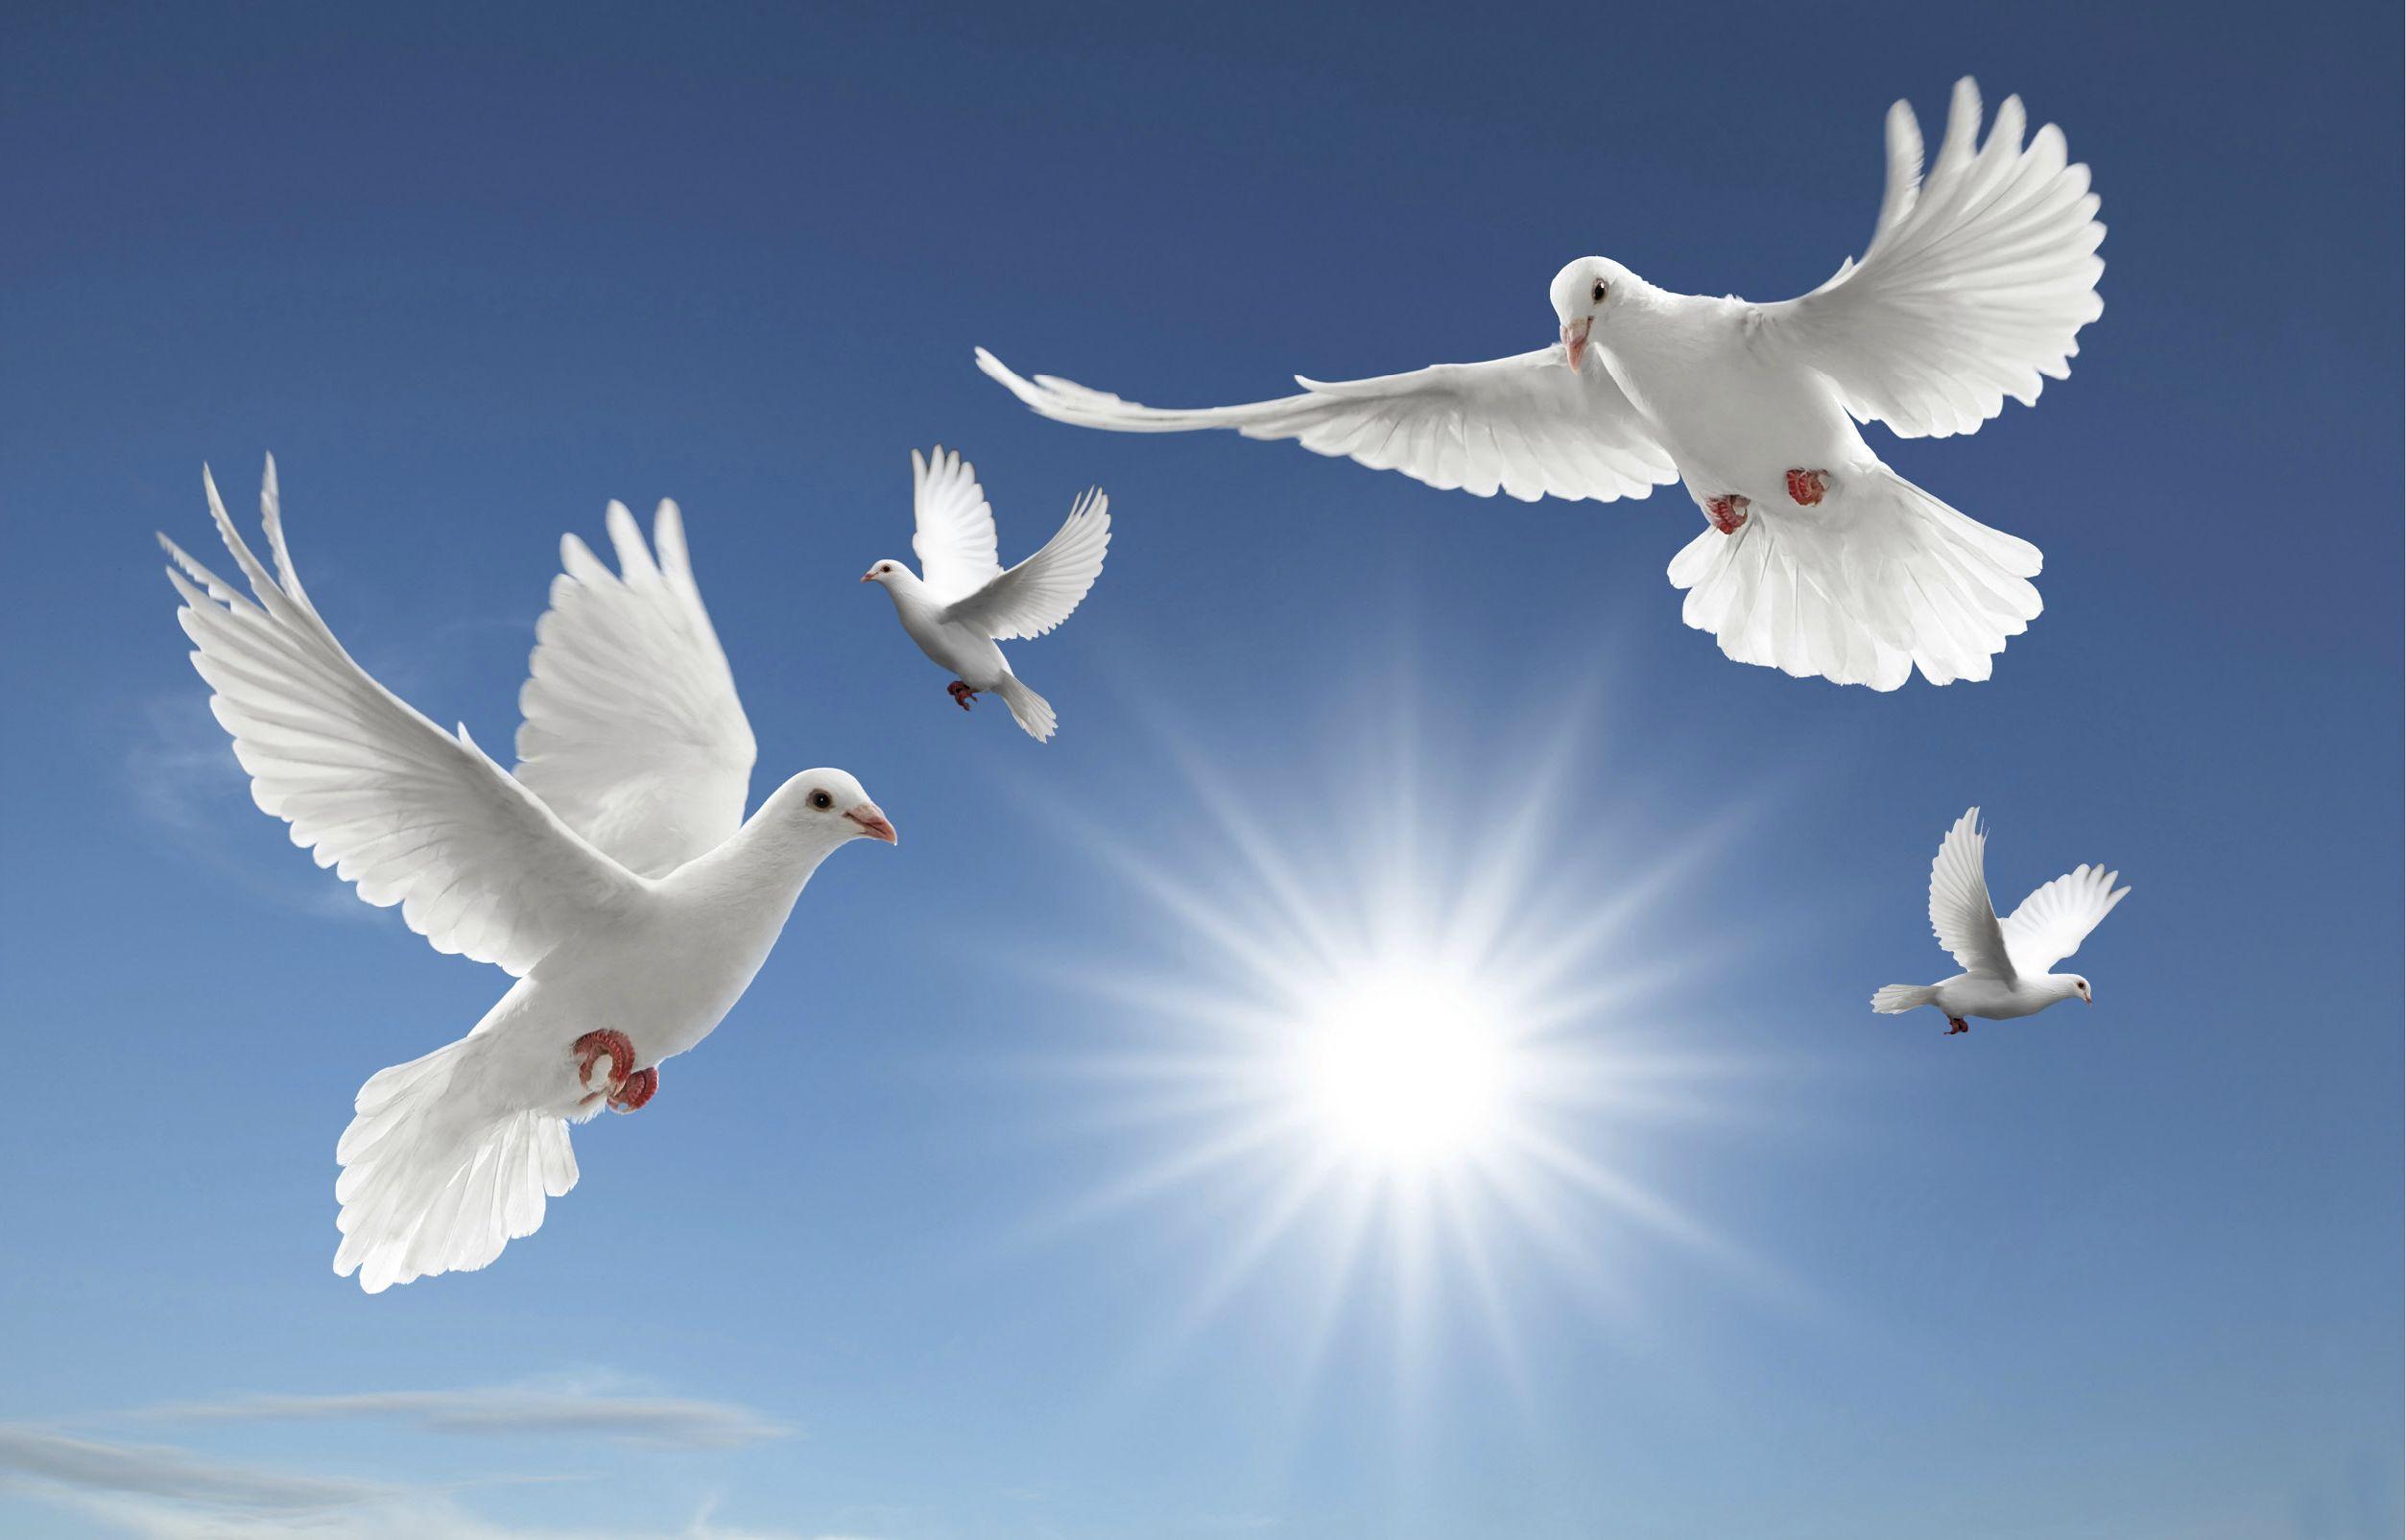 Doves Desktop Background 336977 Jpg 2507 1605 Bird Wallpaper White Doves Holy Spirit Dove